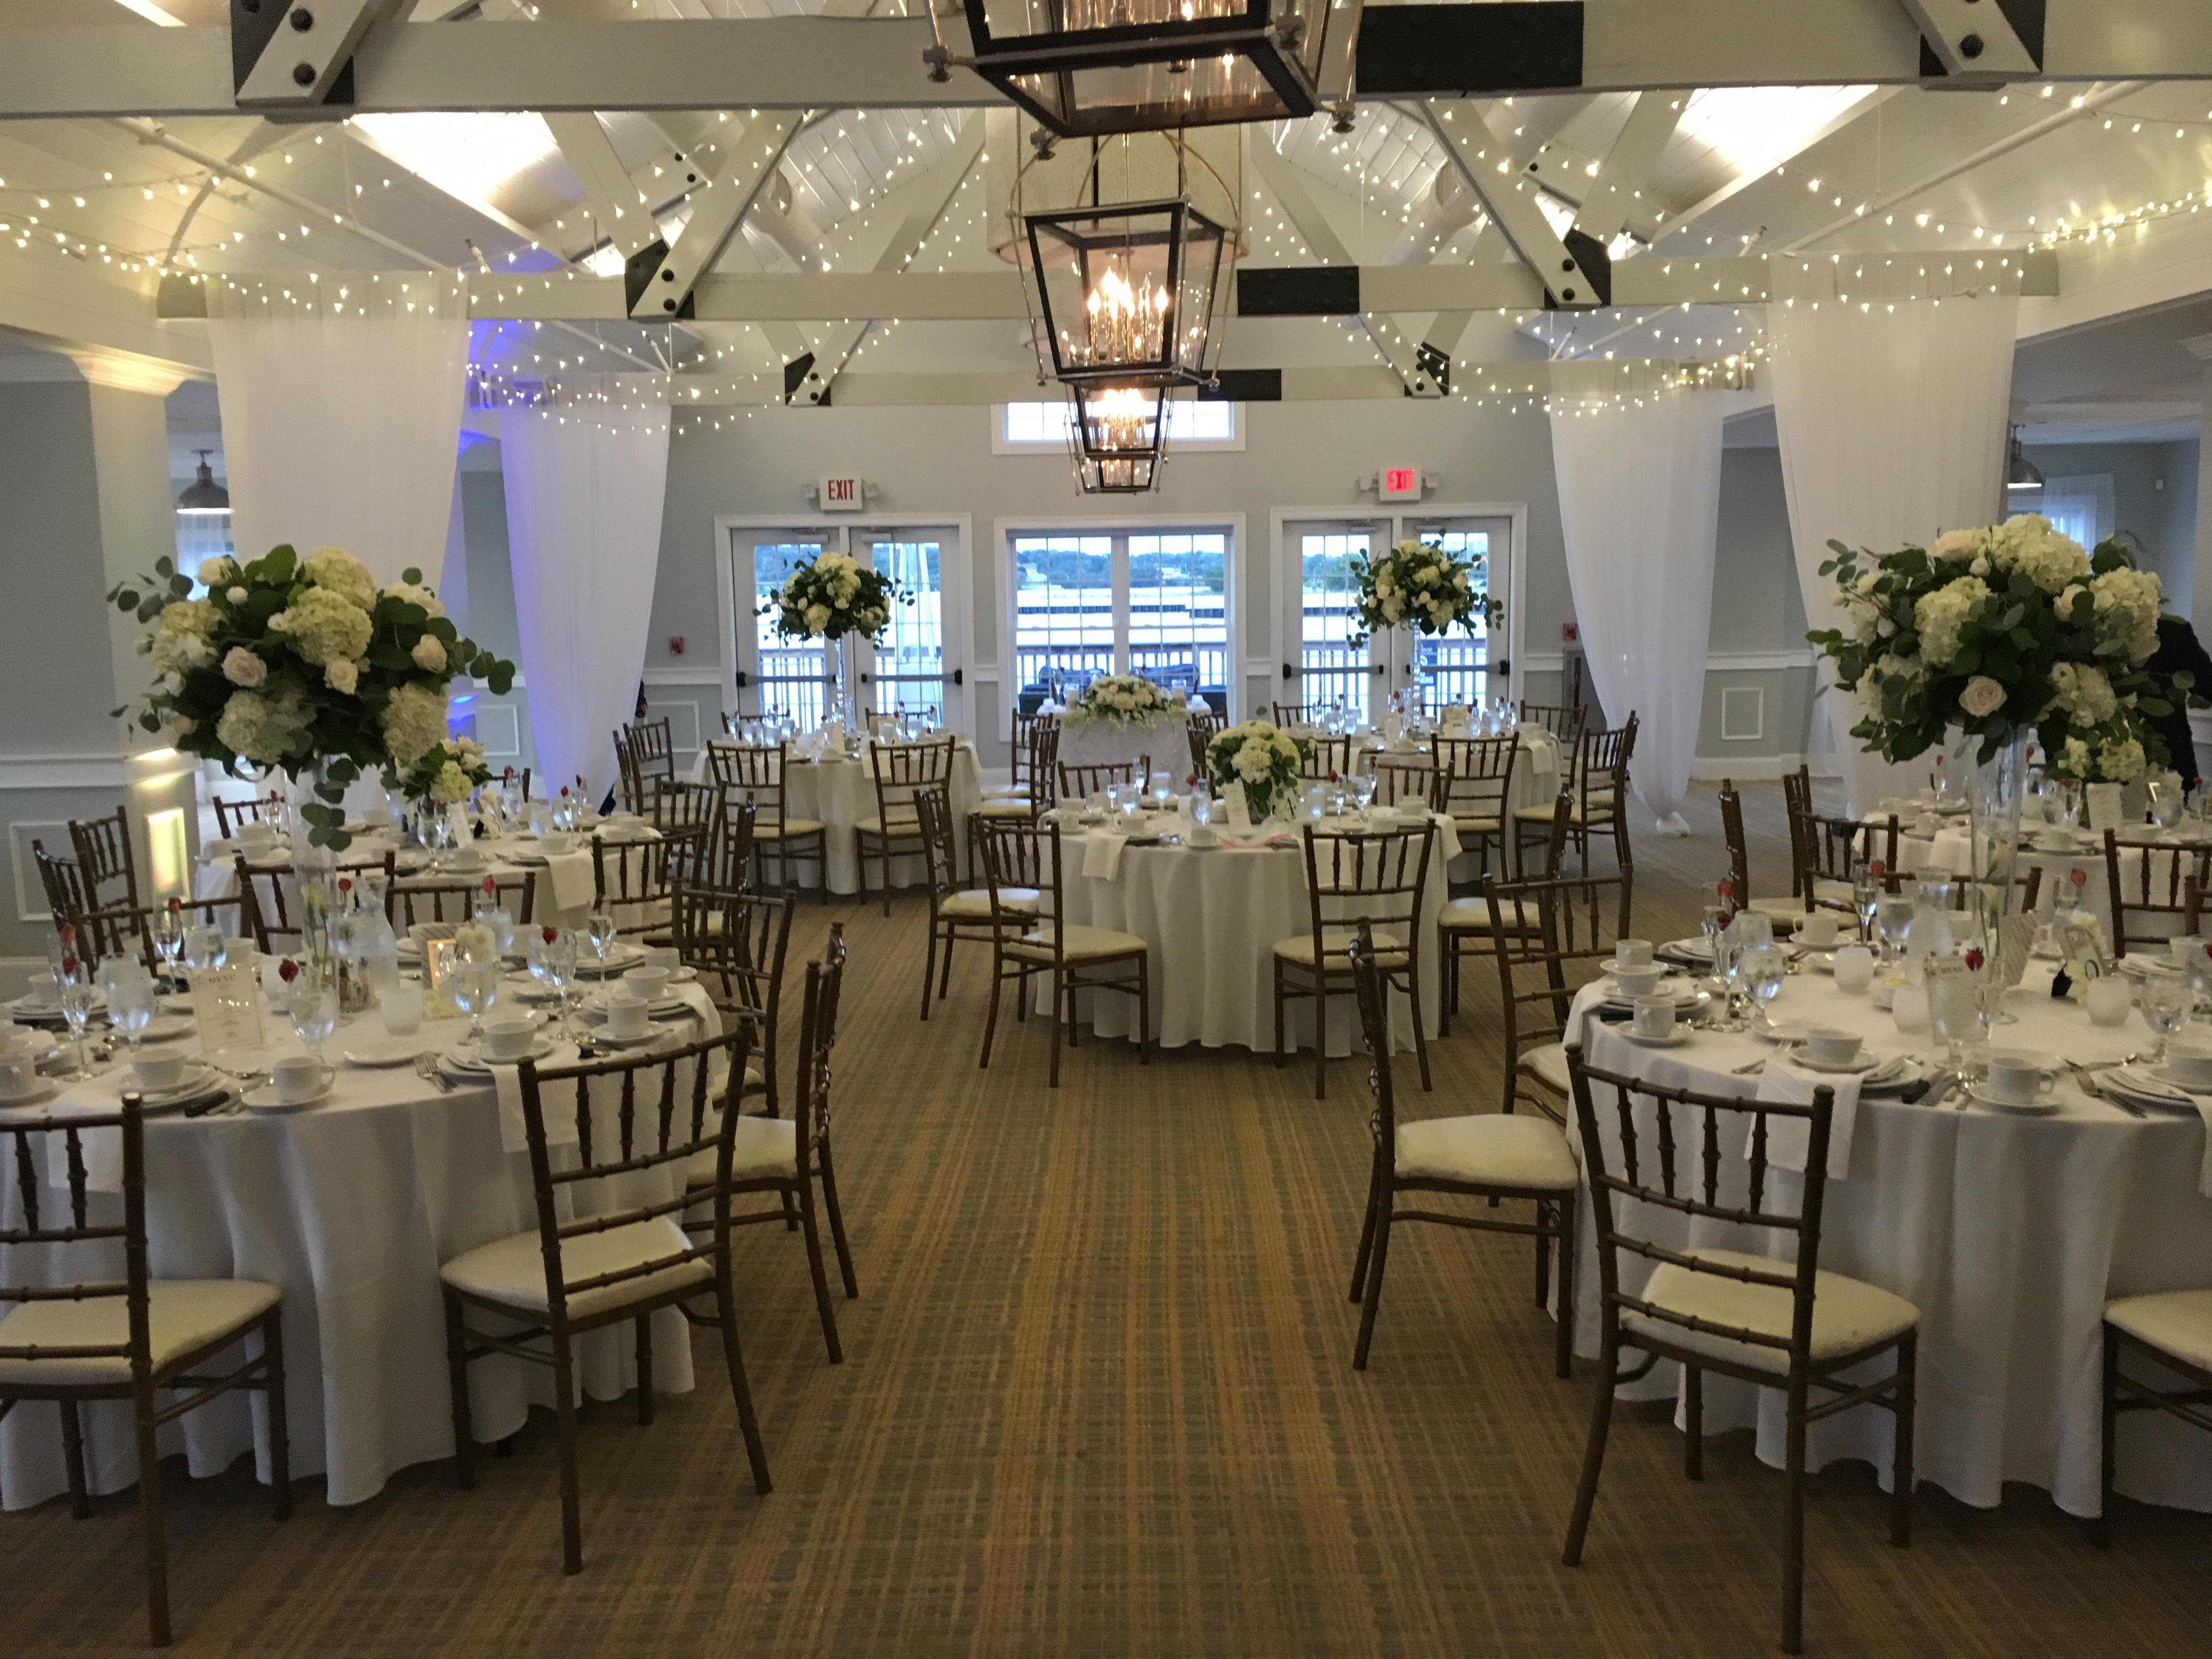 Banquets  The Cove Restaurant & Marina